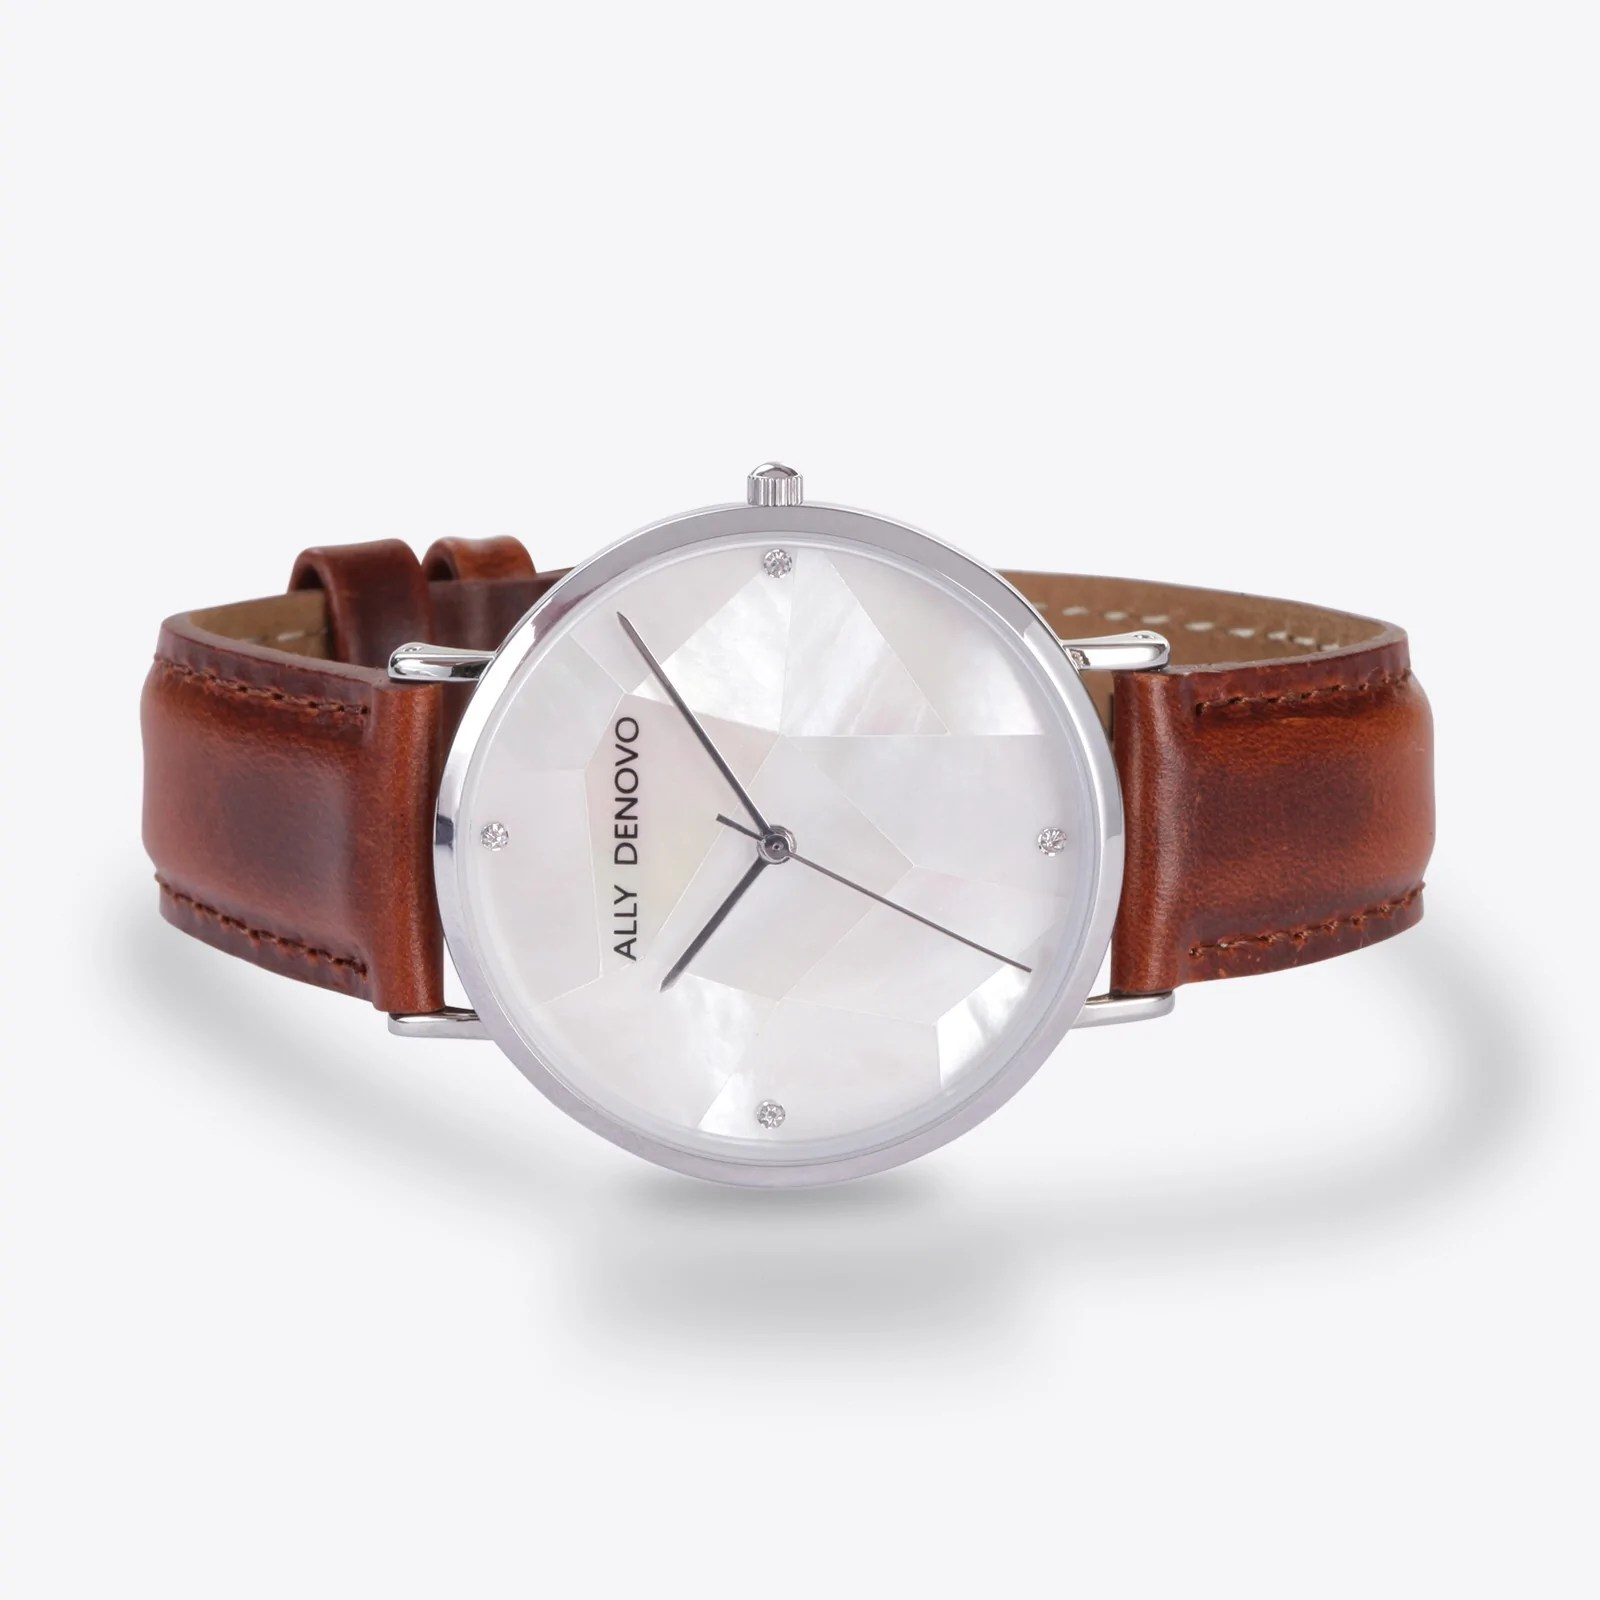 Gaia pearl皮革腕錶-白色菱形琉璃銀框紅棕色真皮錶帶 AF5003.1 – ALLY DENOVO 中文官方網站